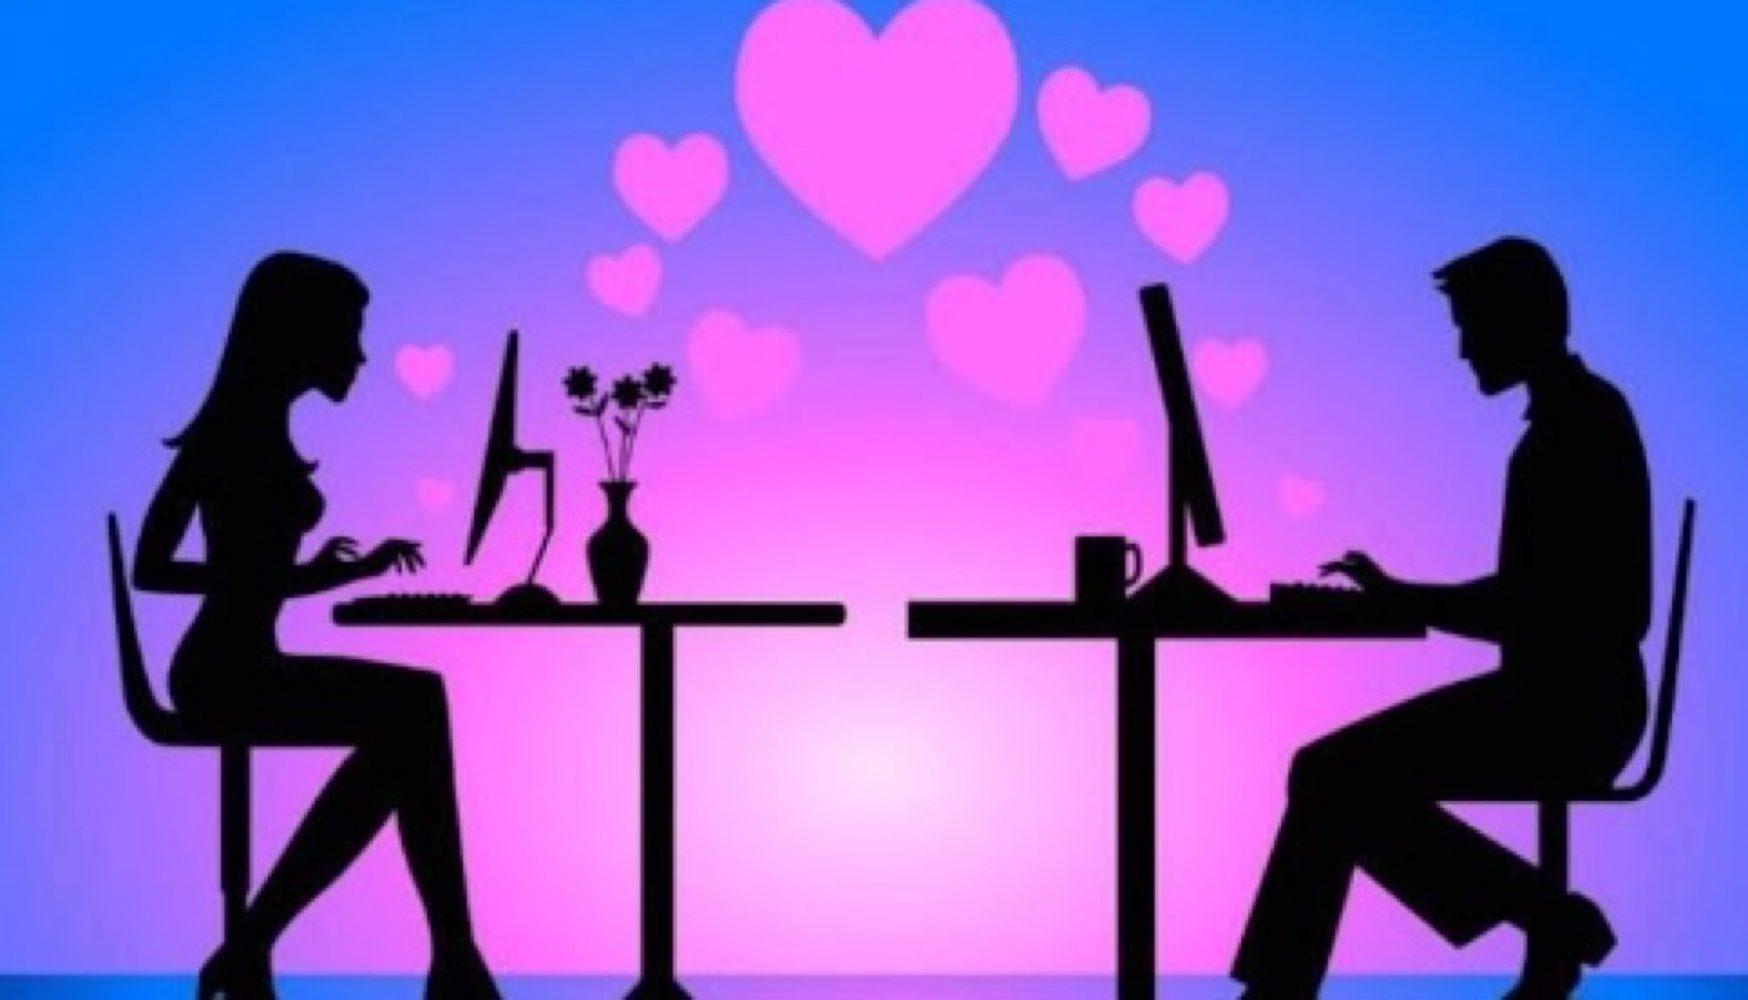 El amor en tiempos de redes sociales